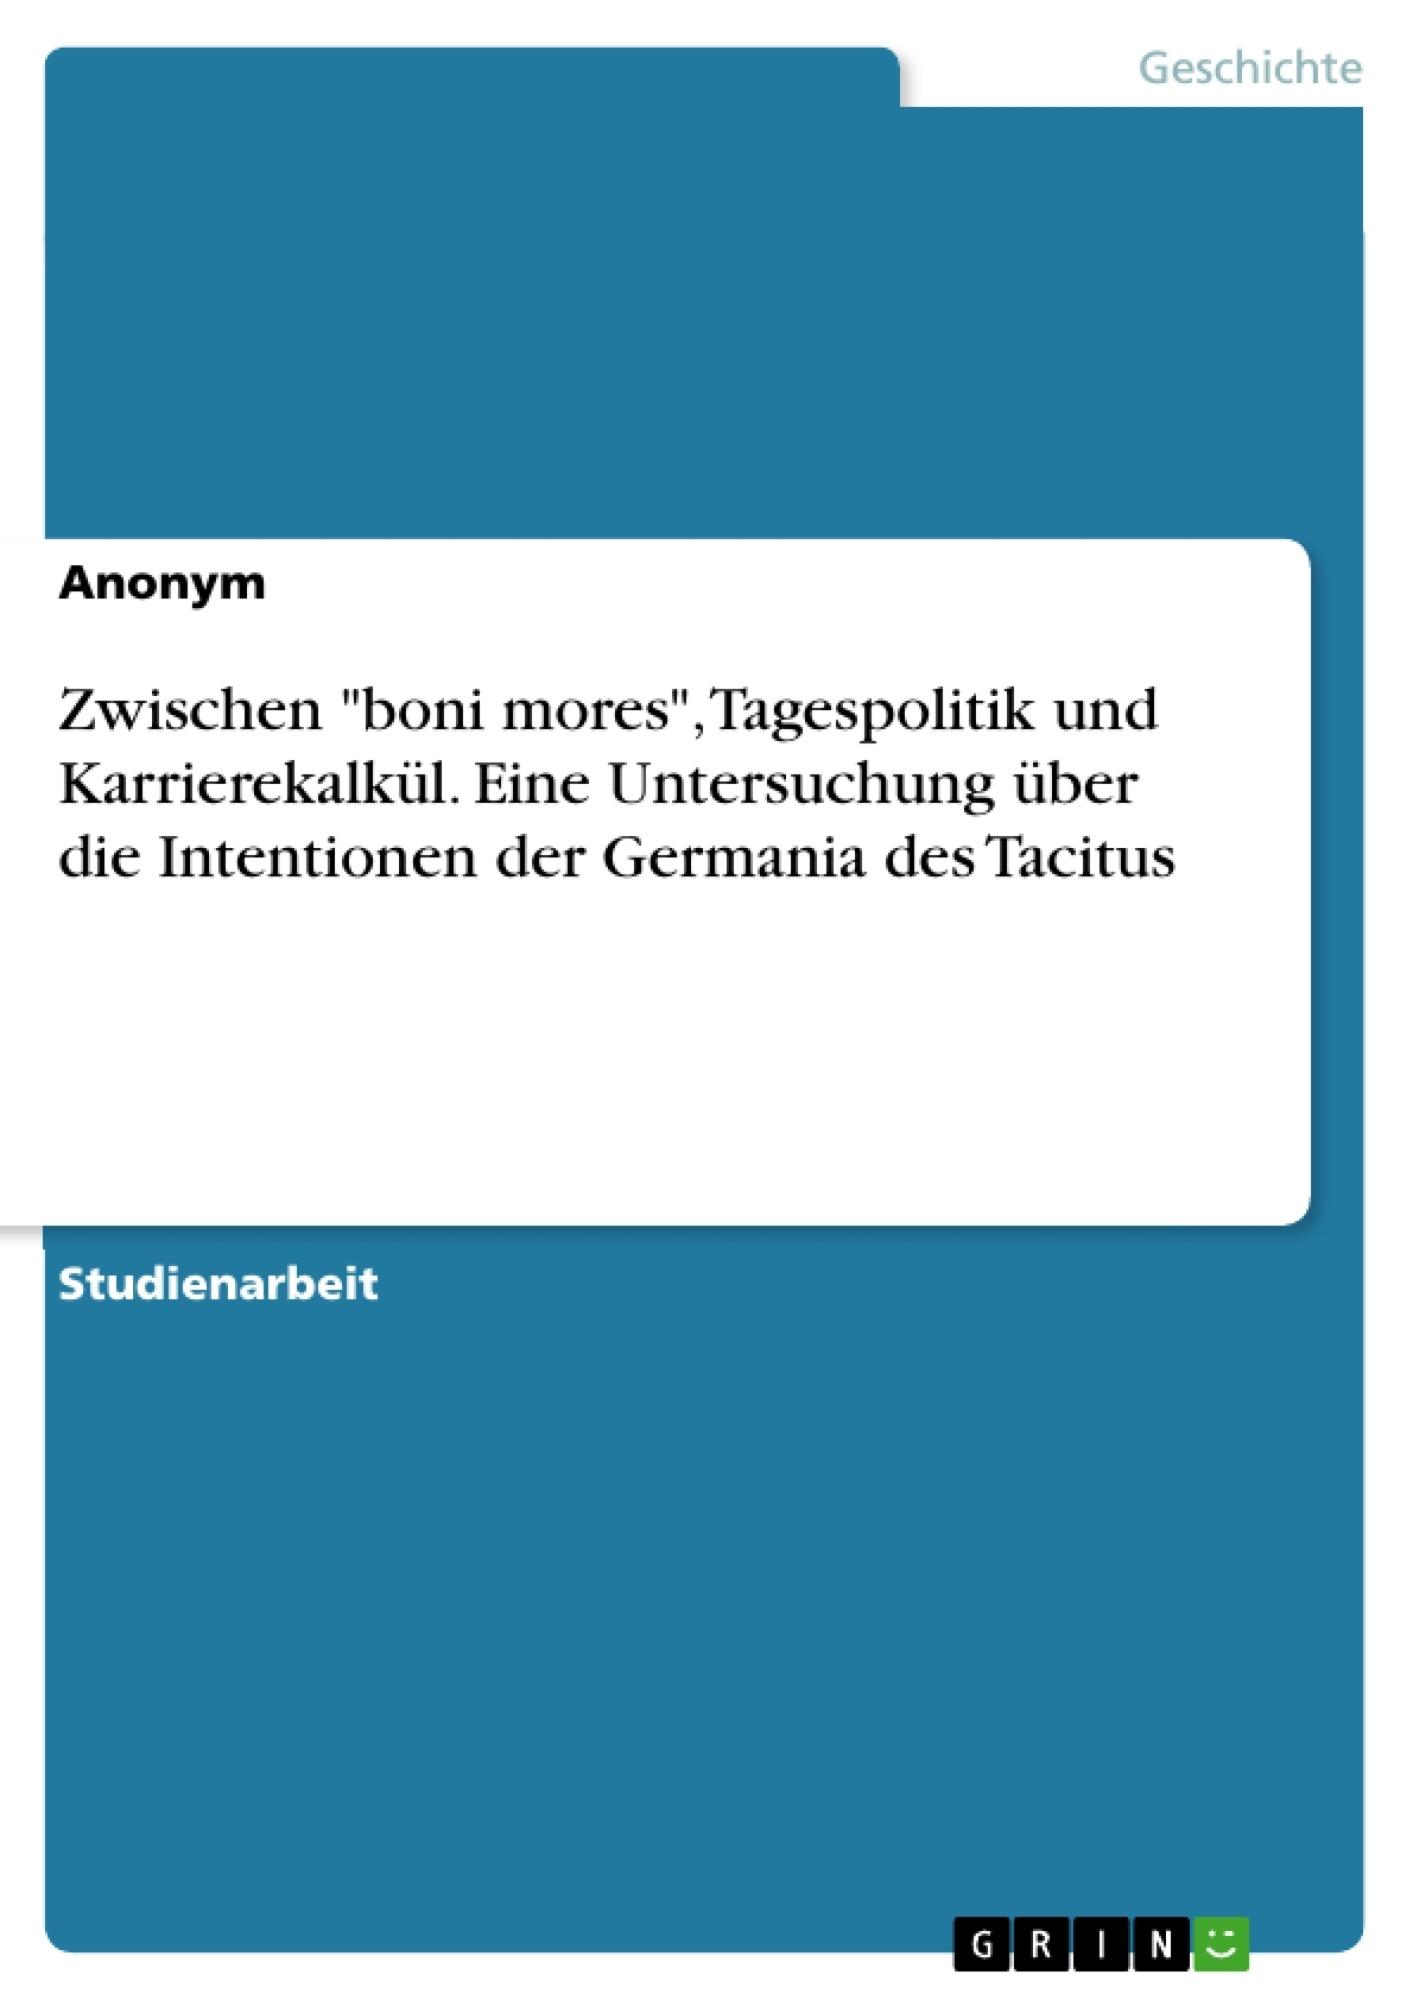 """Titel: Zwischen """"boni mores"""", Tagespolitik und Karrierekalkül. Eine Untersuchung über die Intentionen der Germania des Tacitus"""